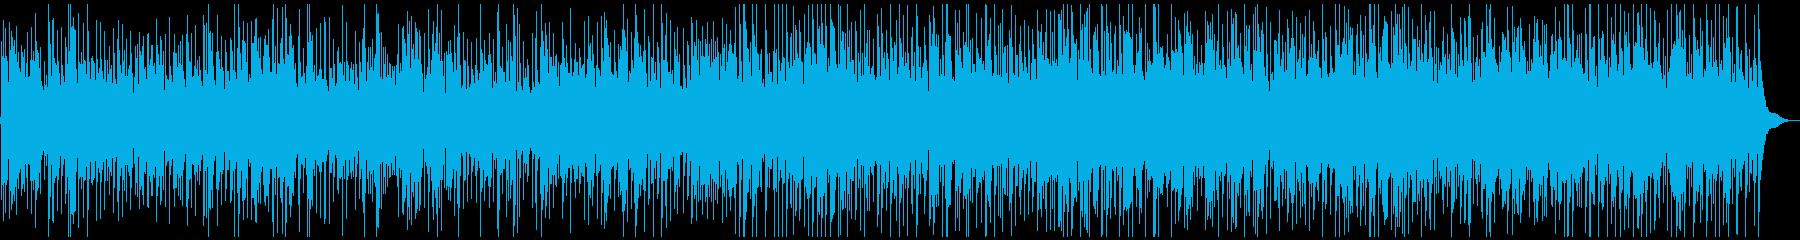 レトロ感あふれるオールドタイムフォークの再生済みの波形